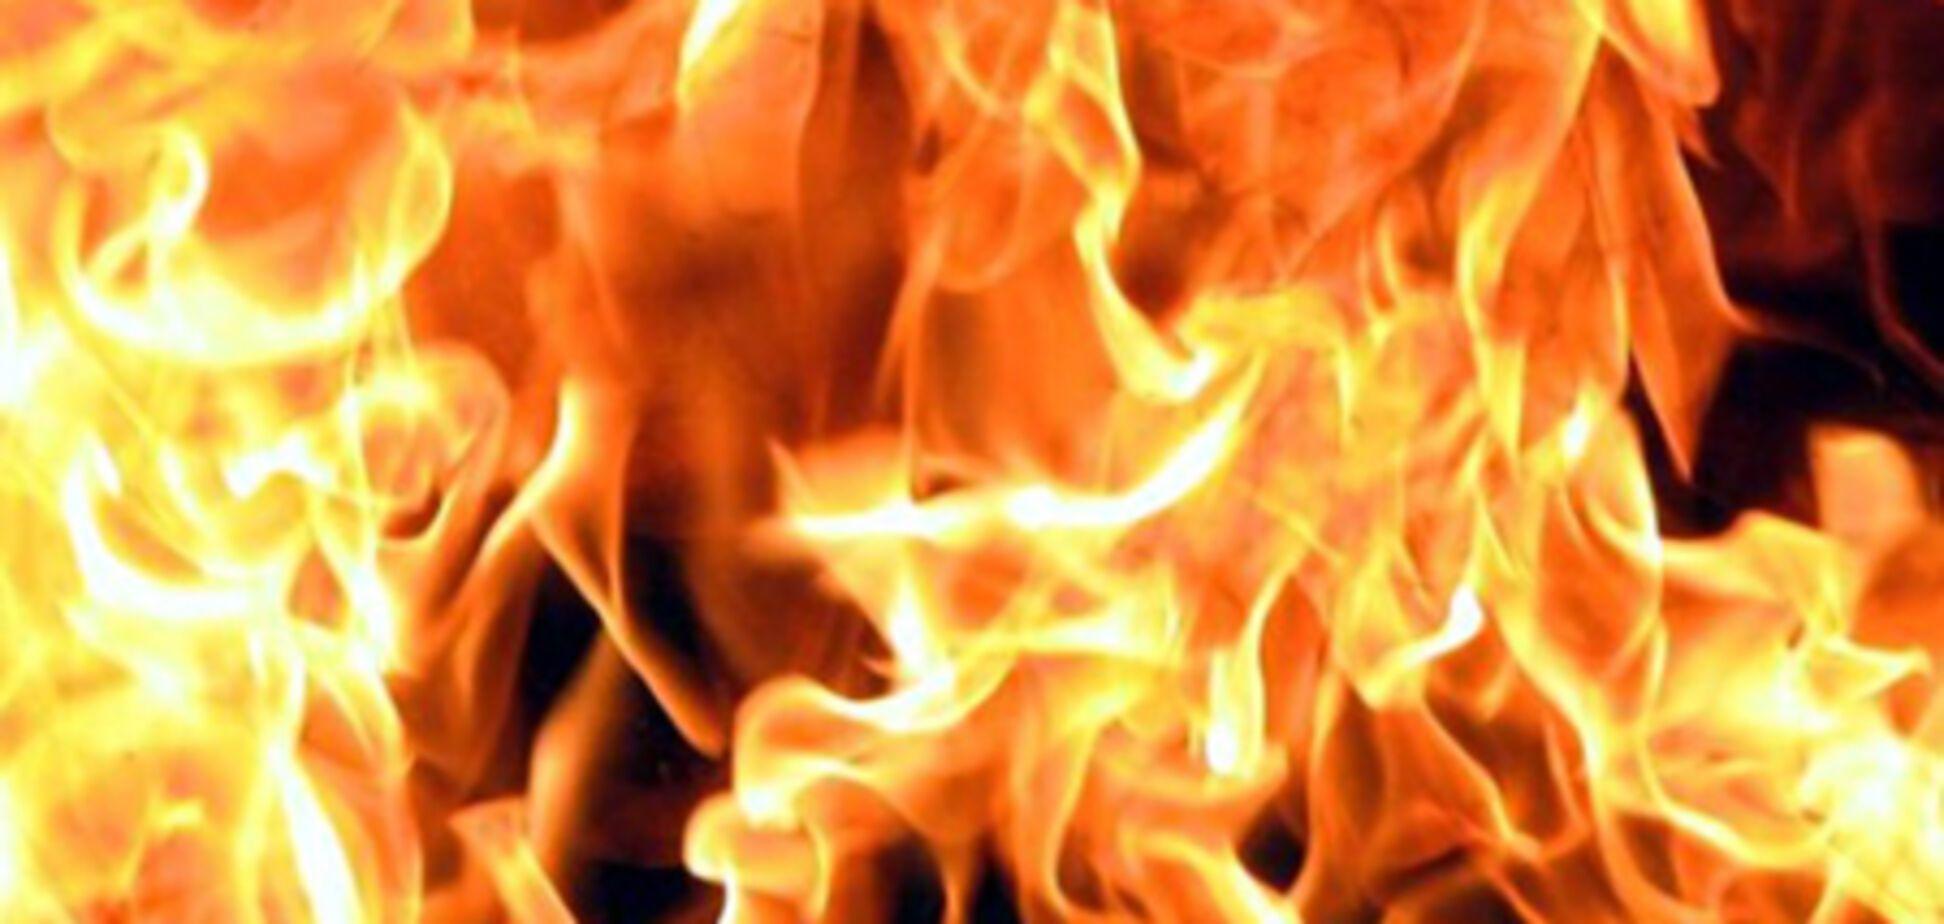 В Одессе загорелось общежитие, есть жертвы